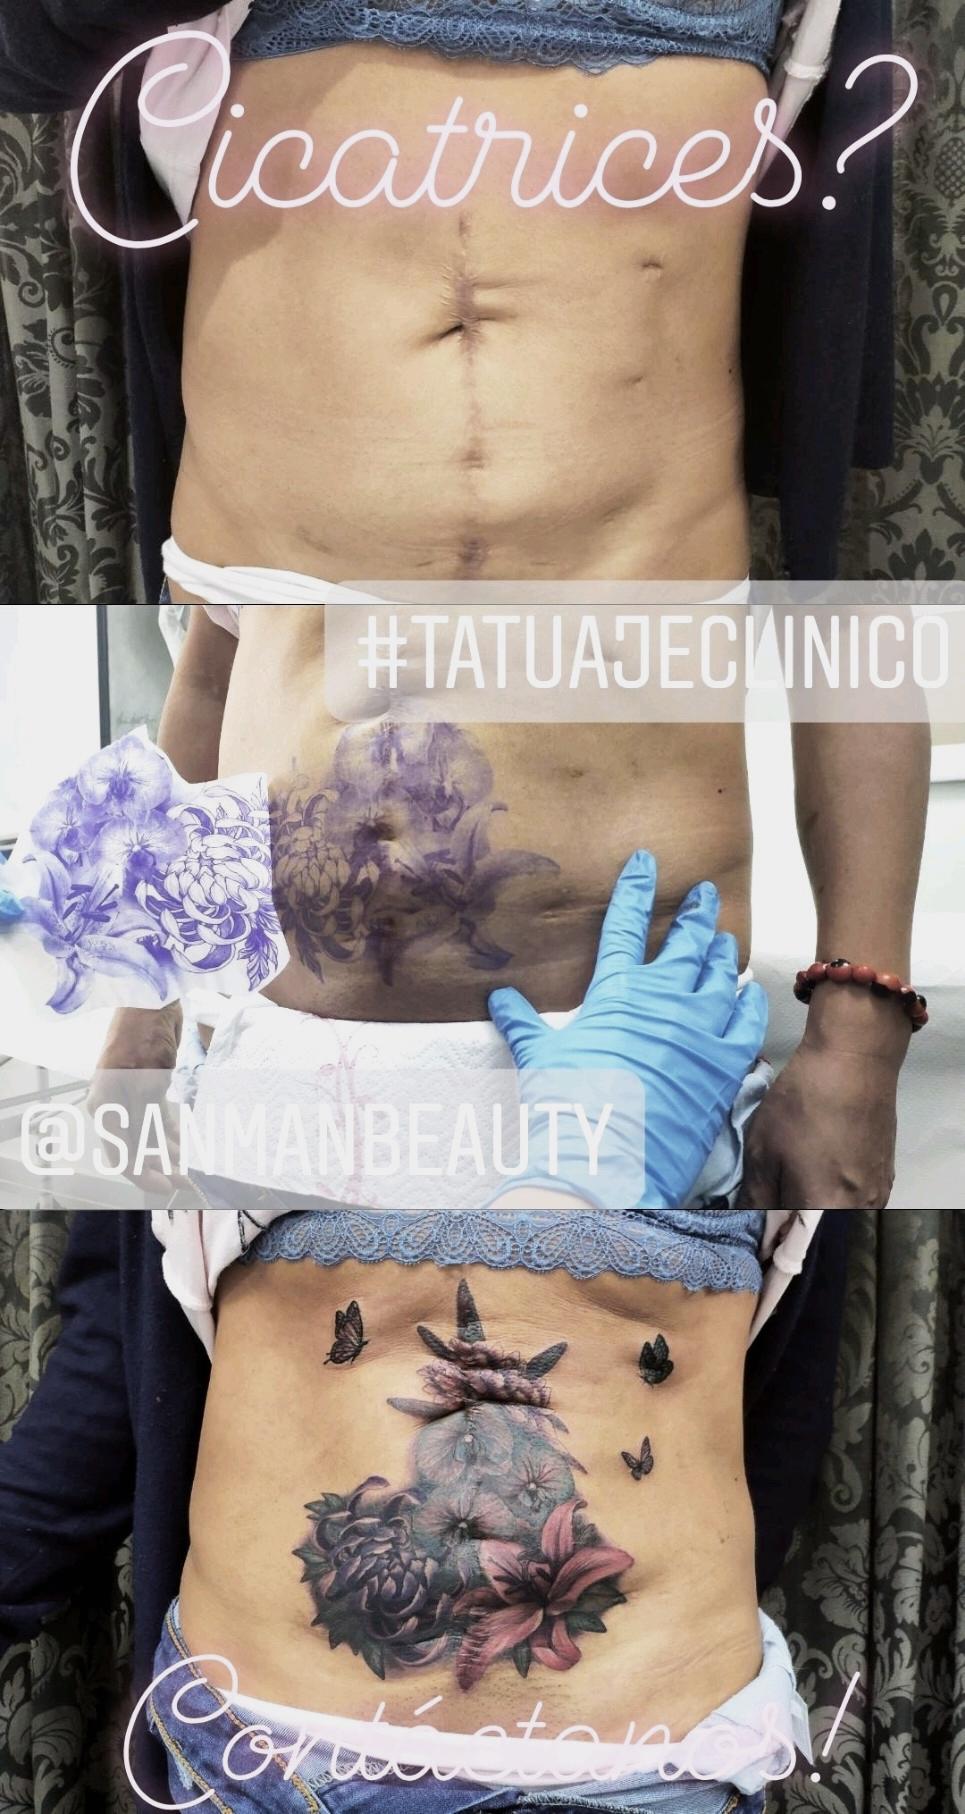 Cicatriz, tatuaje oncologico, Tatuaje médico-estético, operación cicatriz, micropigmentación, tattoo madrid, tratamiento cicatrices madrid, pigmentación Paramédica, pigmentación, camuflaje cicatrices, estrías